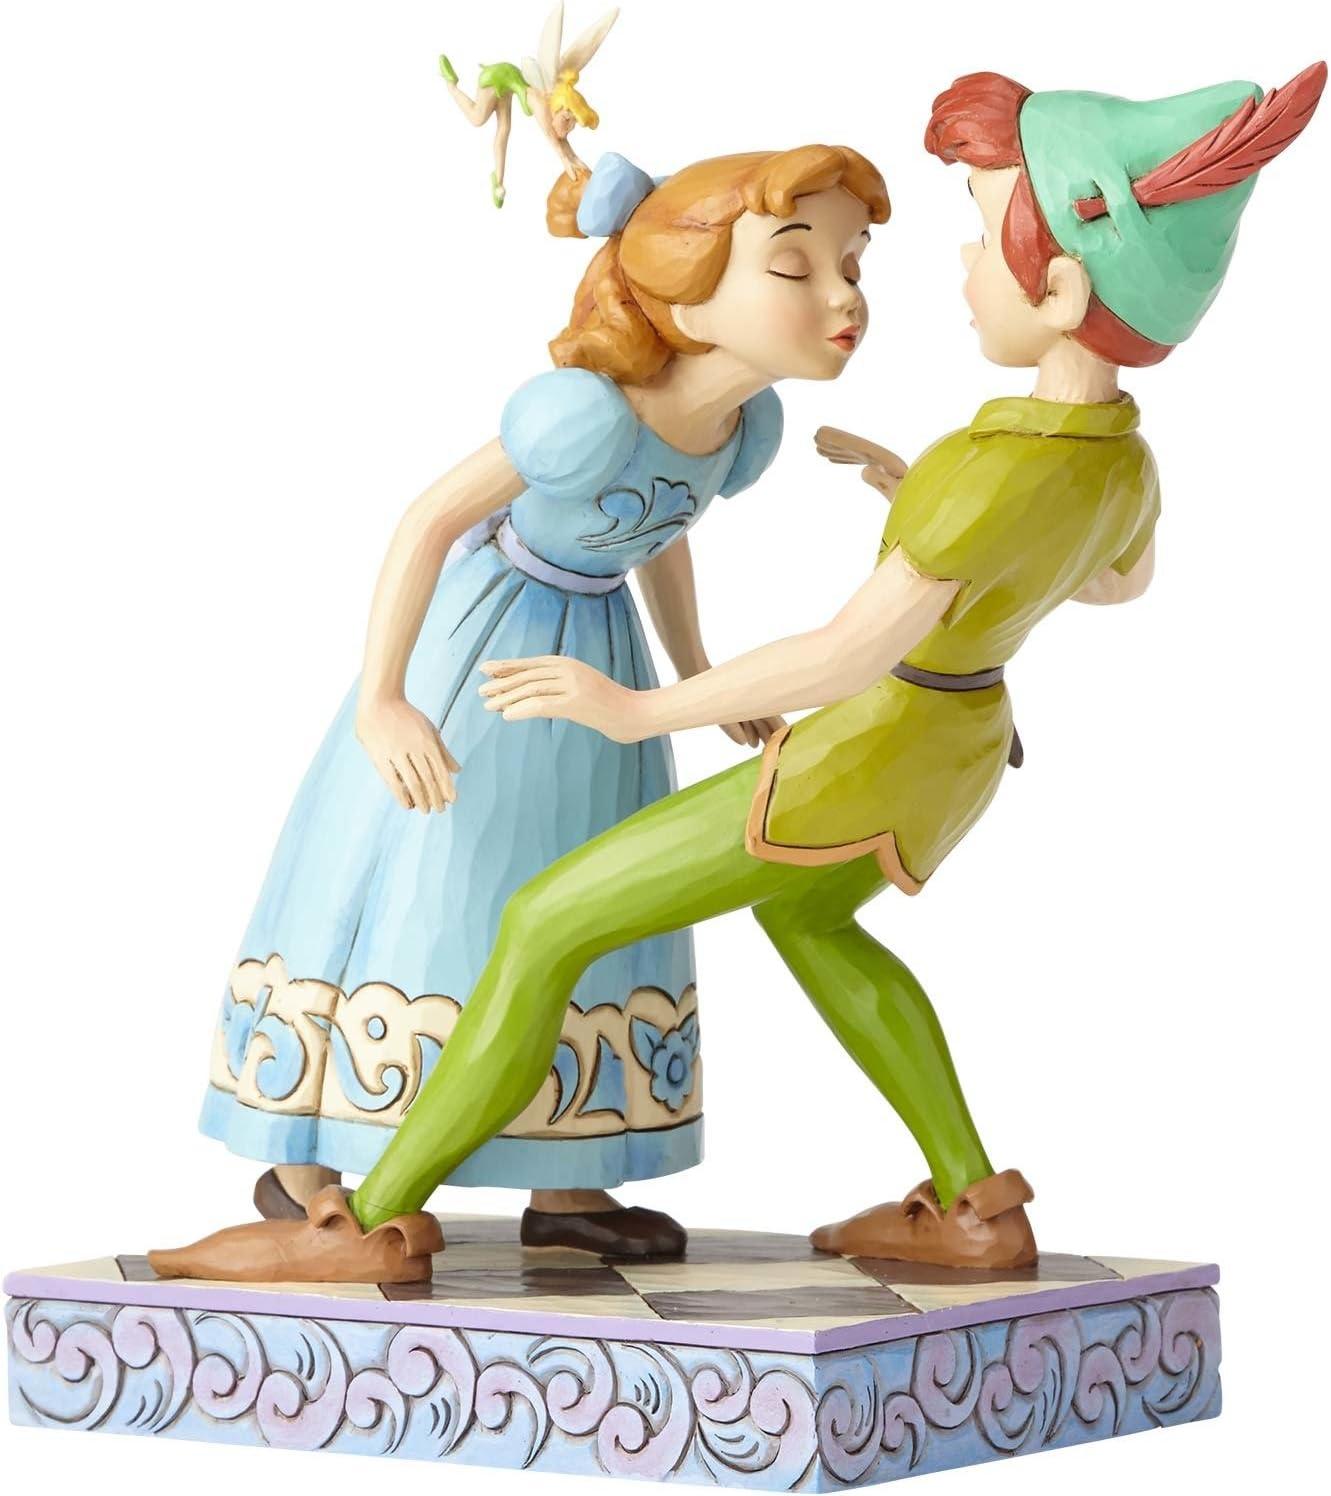 Disney Un Beso Inesperado Figurina de Peter Pan y Wendy, Resina, Multicolor, 12.7 x 8.9 x 19.3 cm